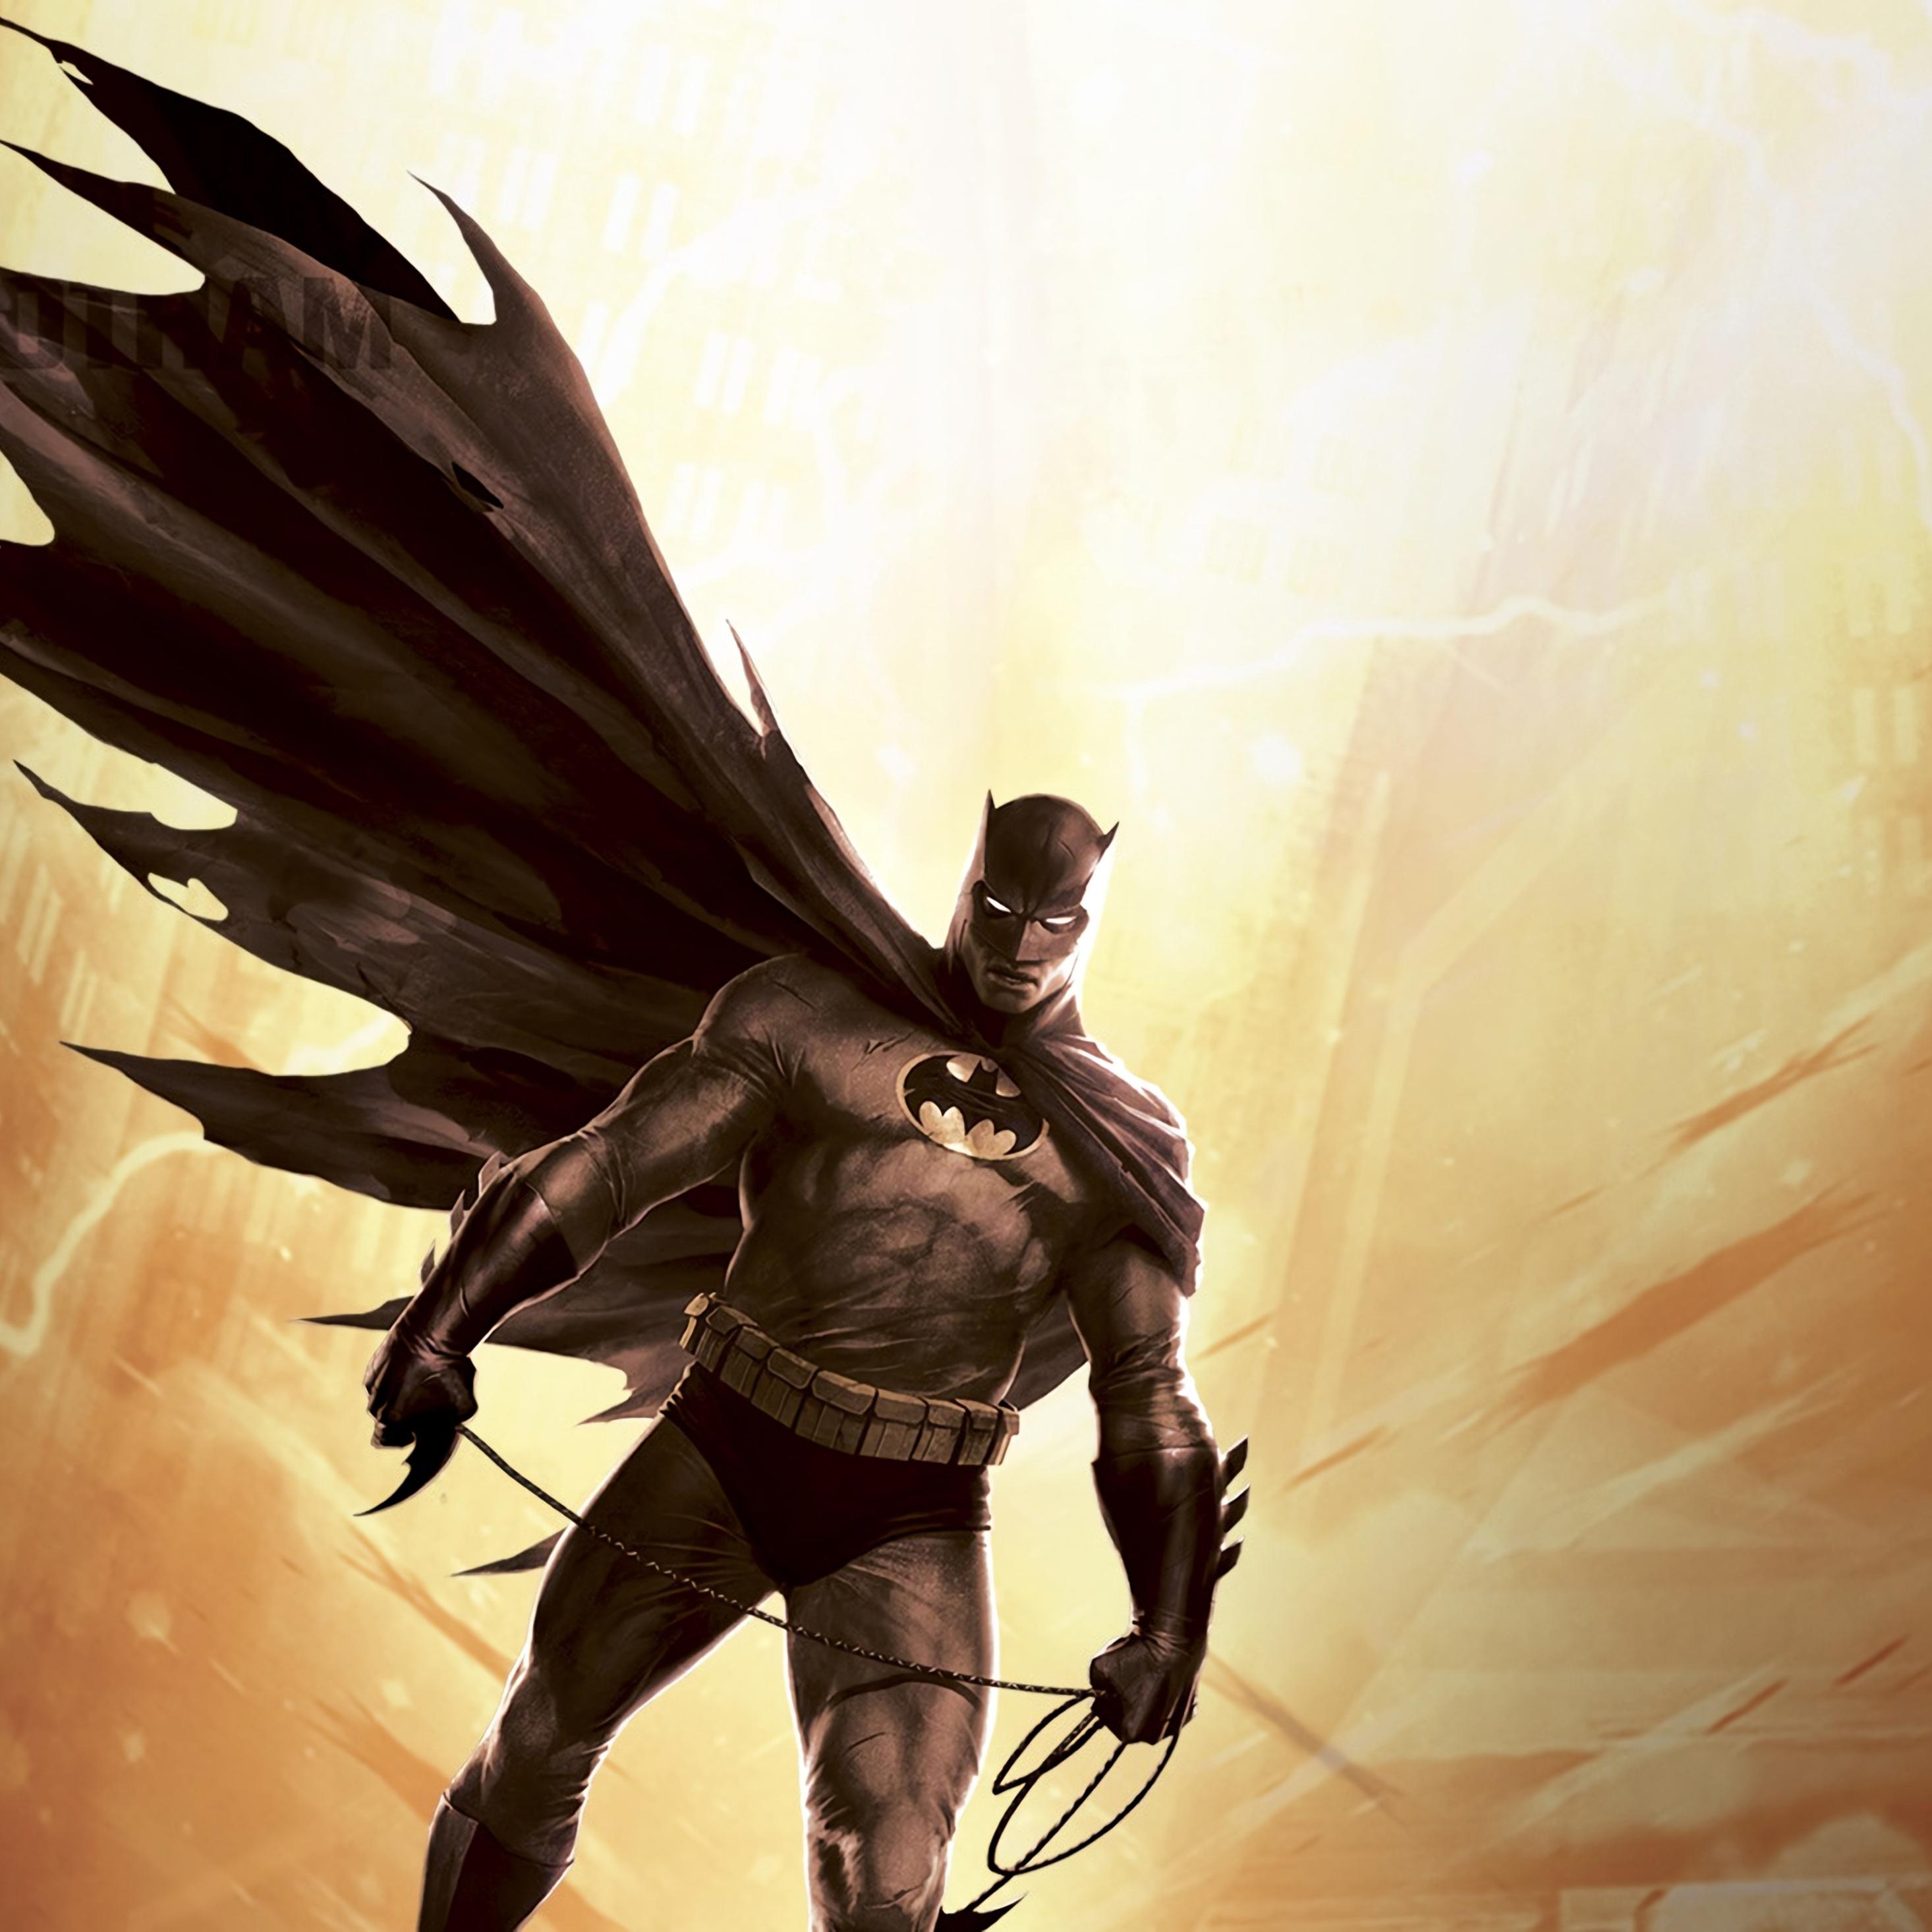 2932x2932 Batman The Dark Knight Returns 4k Ipad Pro Retina